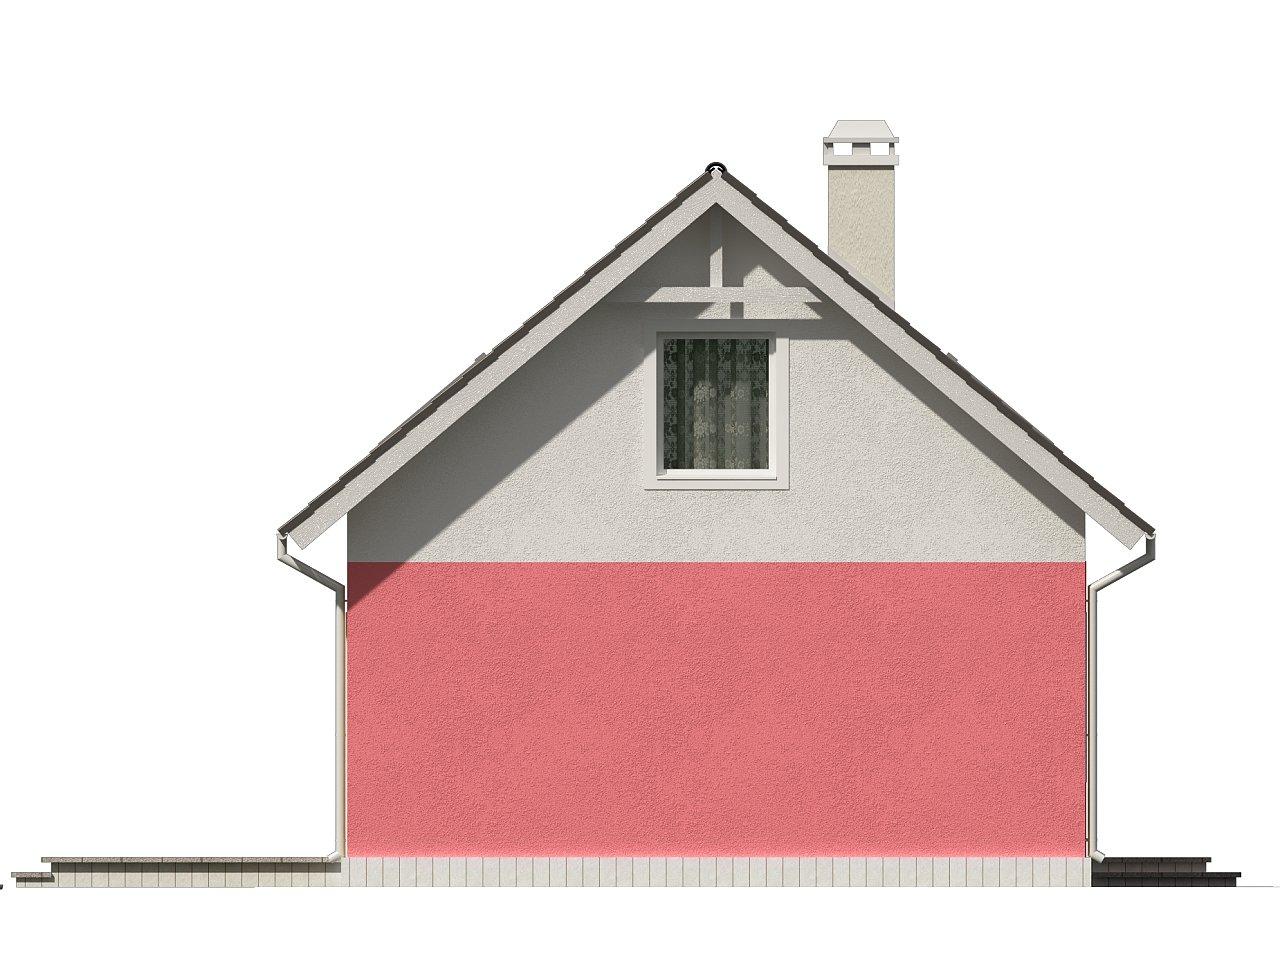 Практичный дом для небольшого участка, простой в строительстве, дешевый в эксплуатации. 24